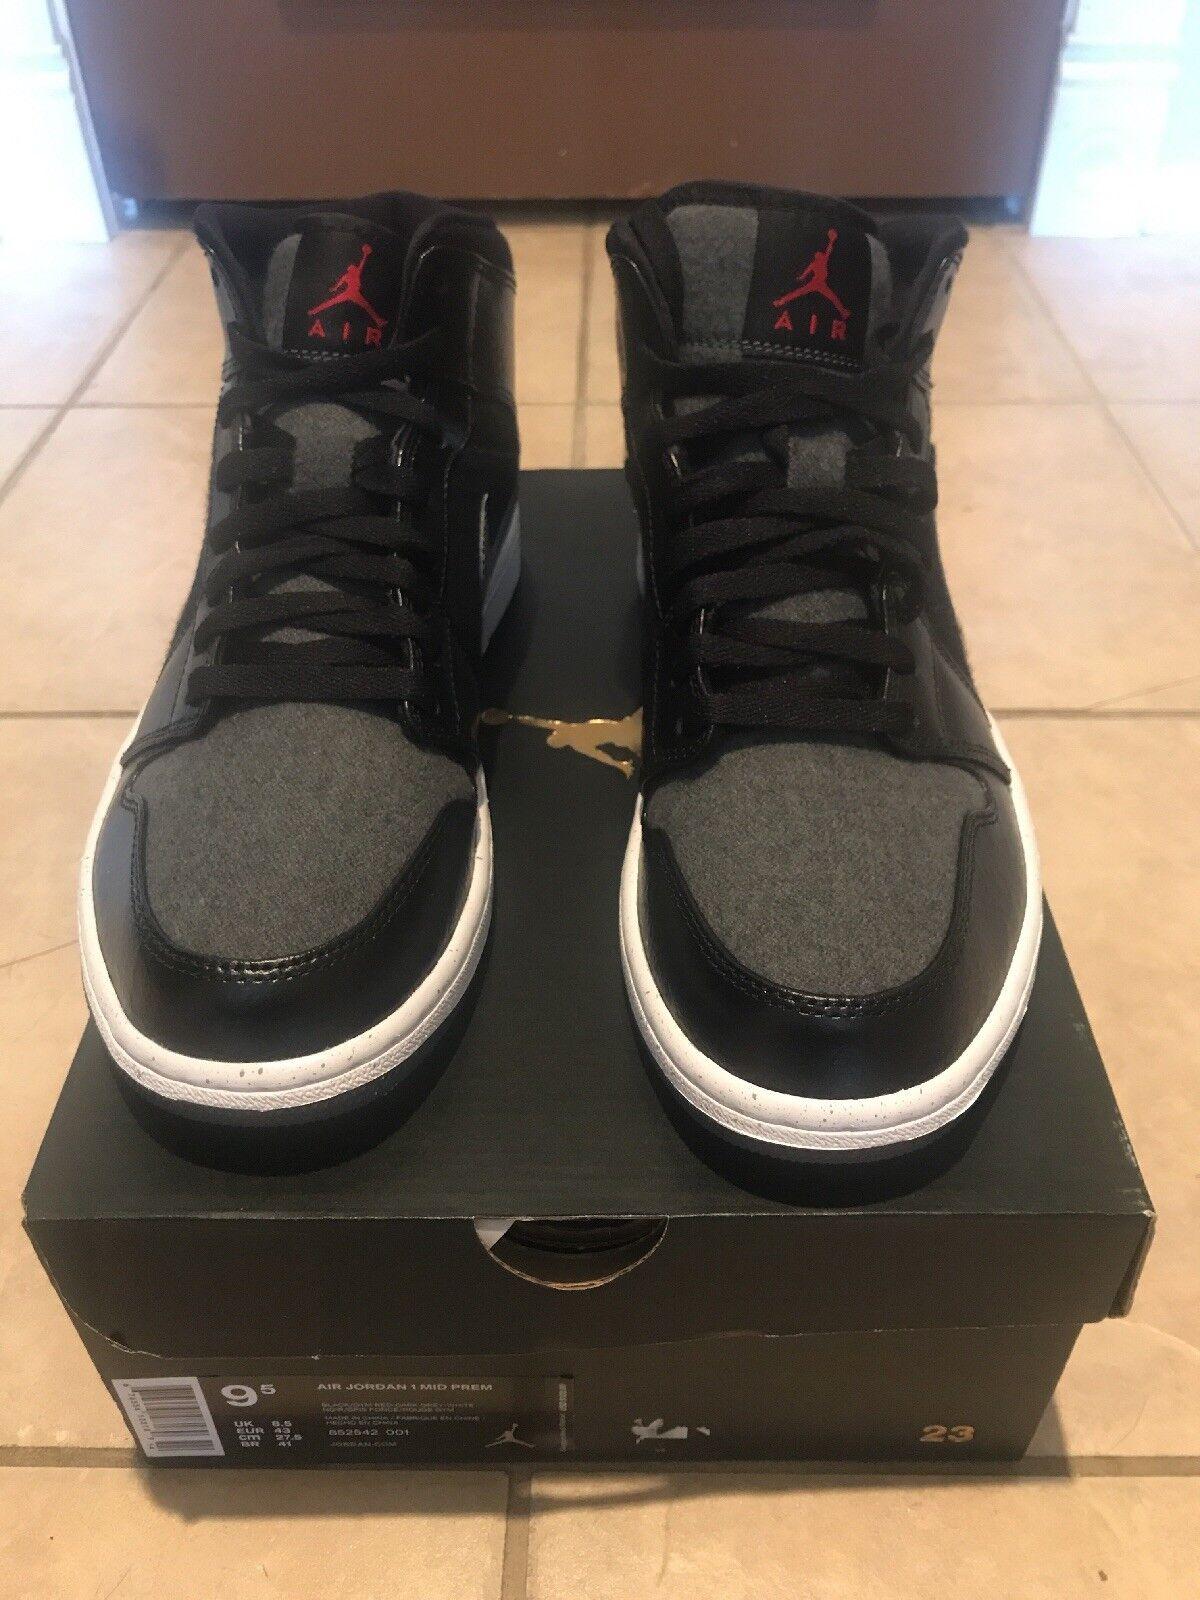 NIB Hombre Nike Air Jordan 1 Mid Premium Tamaño zapatos 9,5 852542 001 nuevos zapatos Tamaño para hombres y mujeres, el limitado tiempo de descuento b029ce